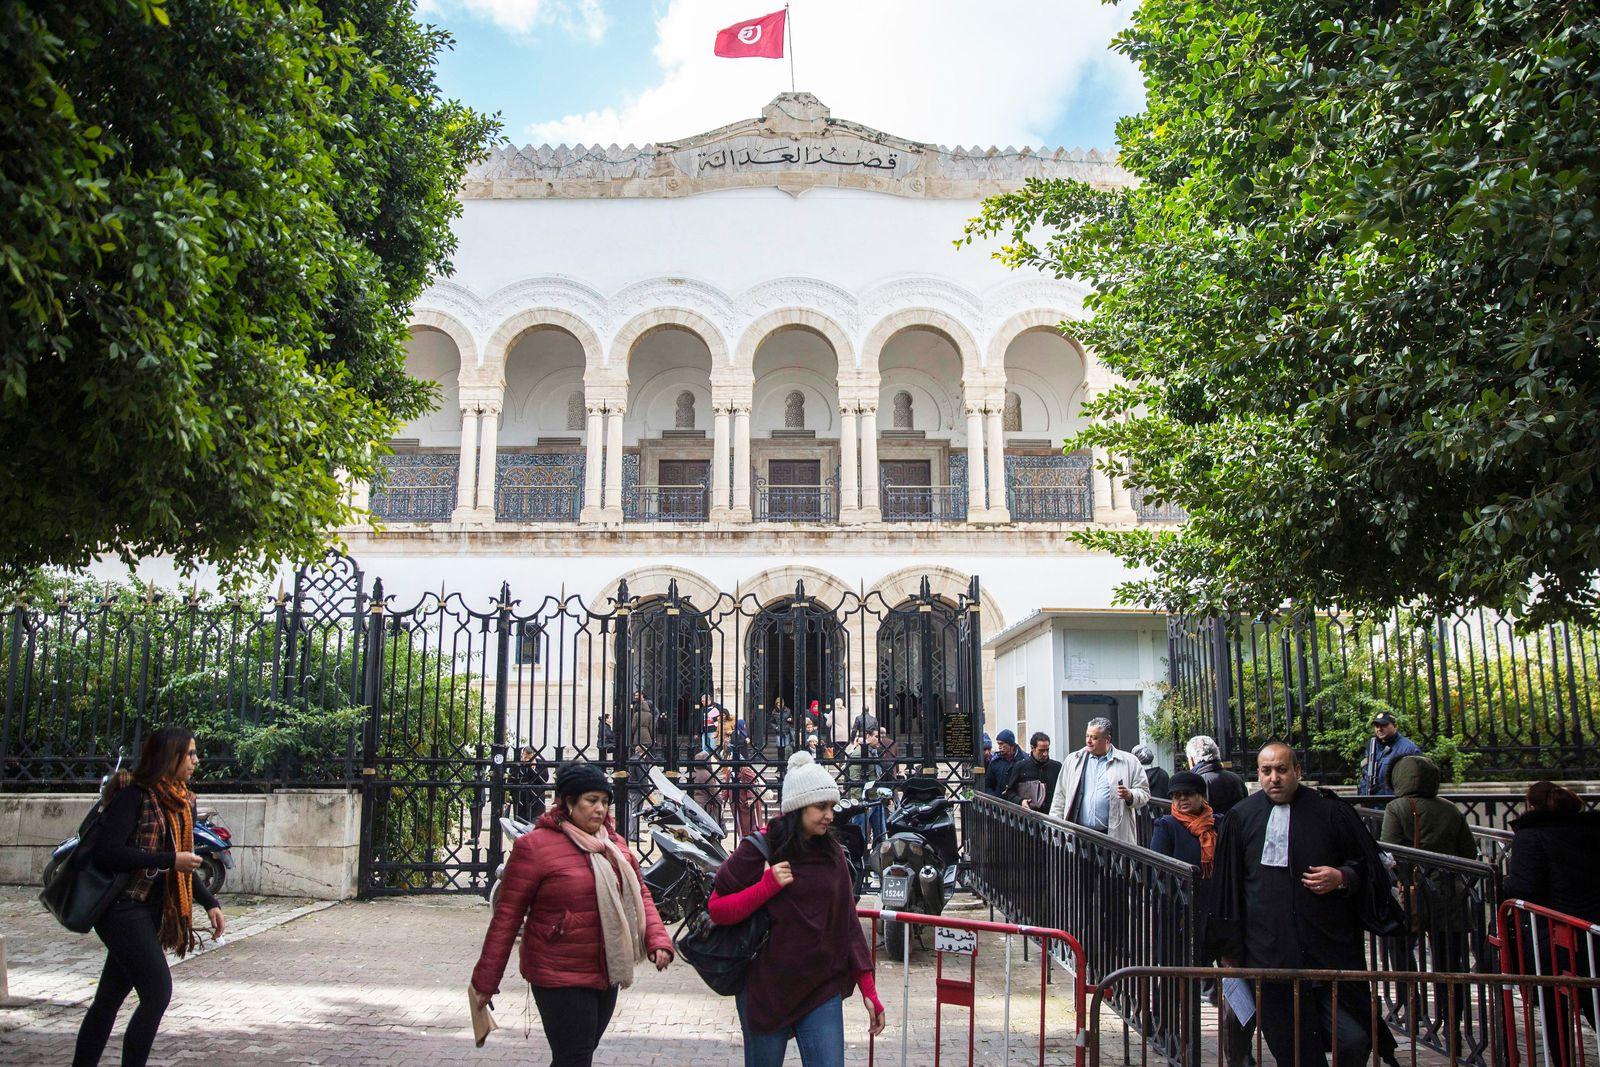 Anschlag/ Tunis/ Sousse/ Prozess/ Gericht/ Tunesien